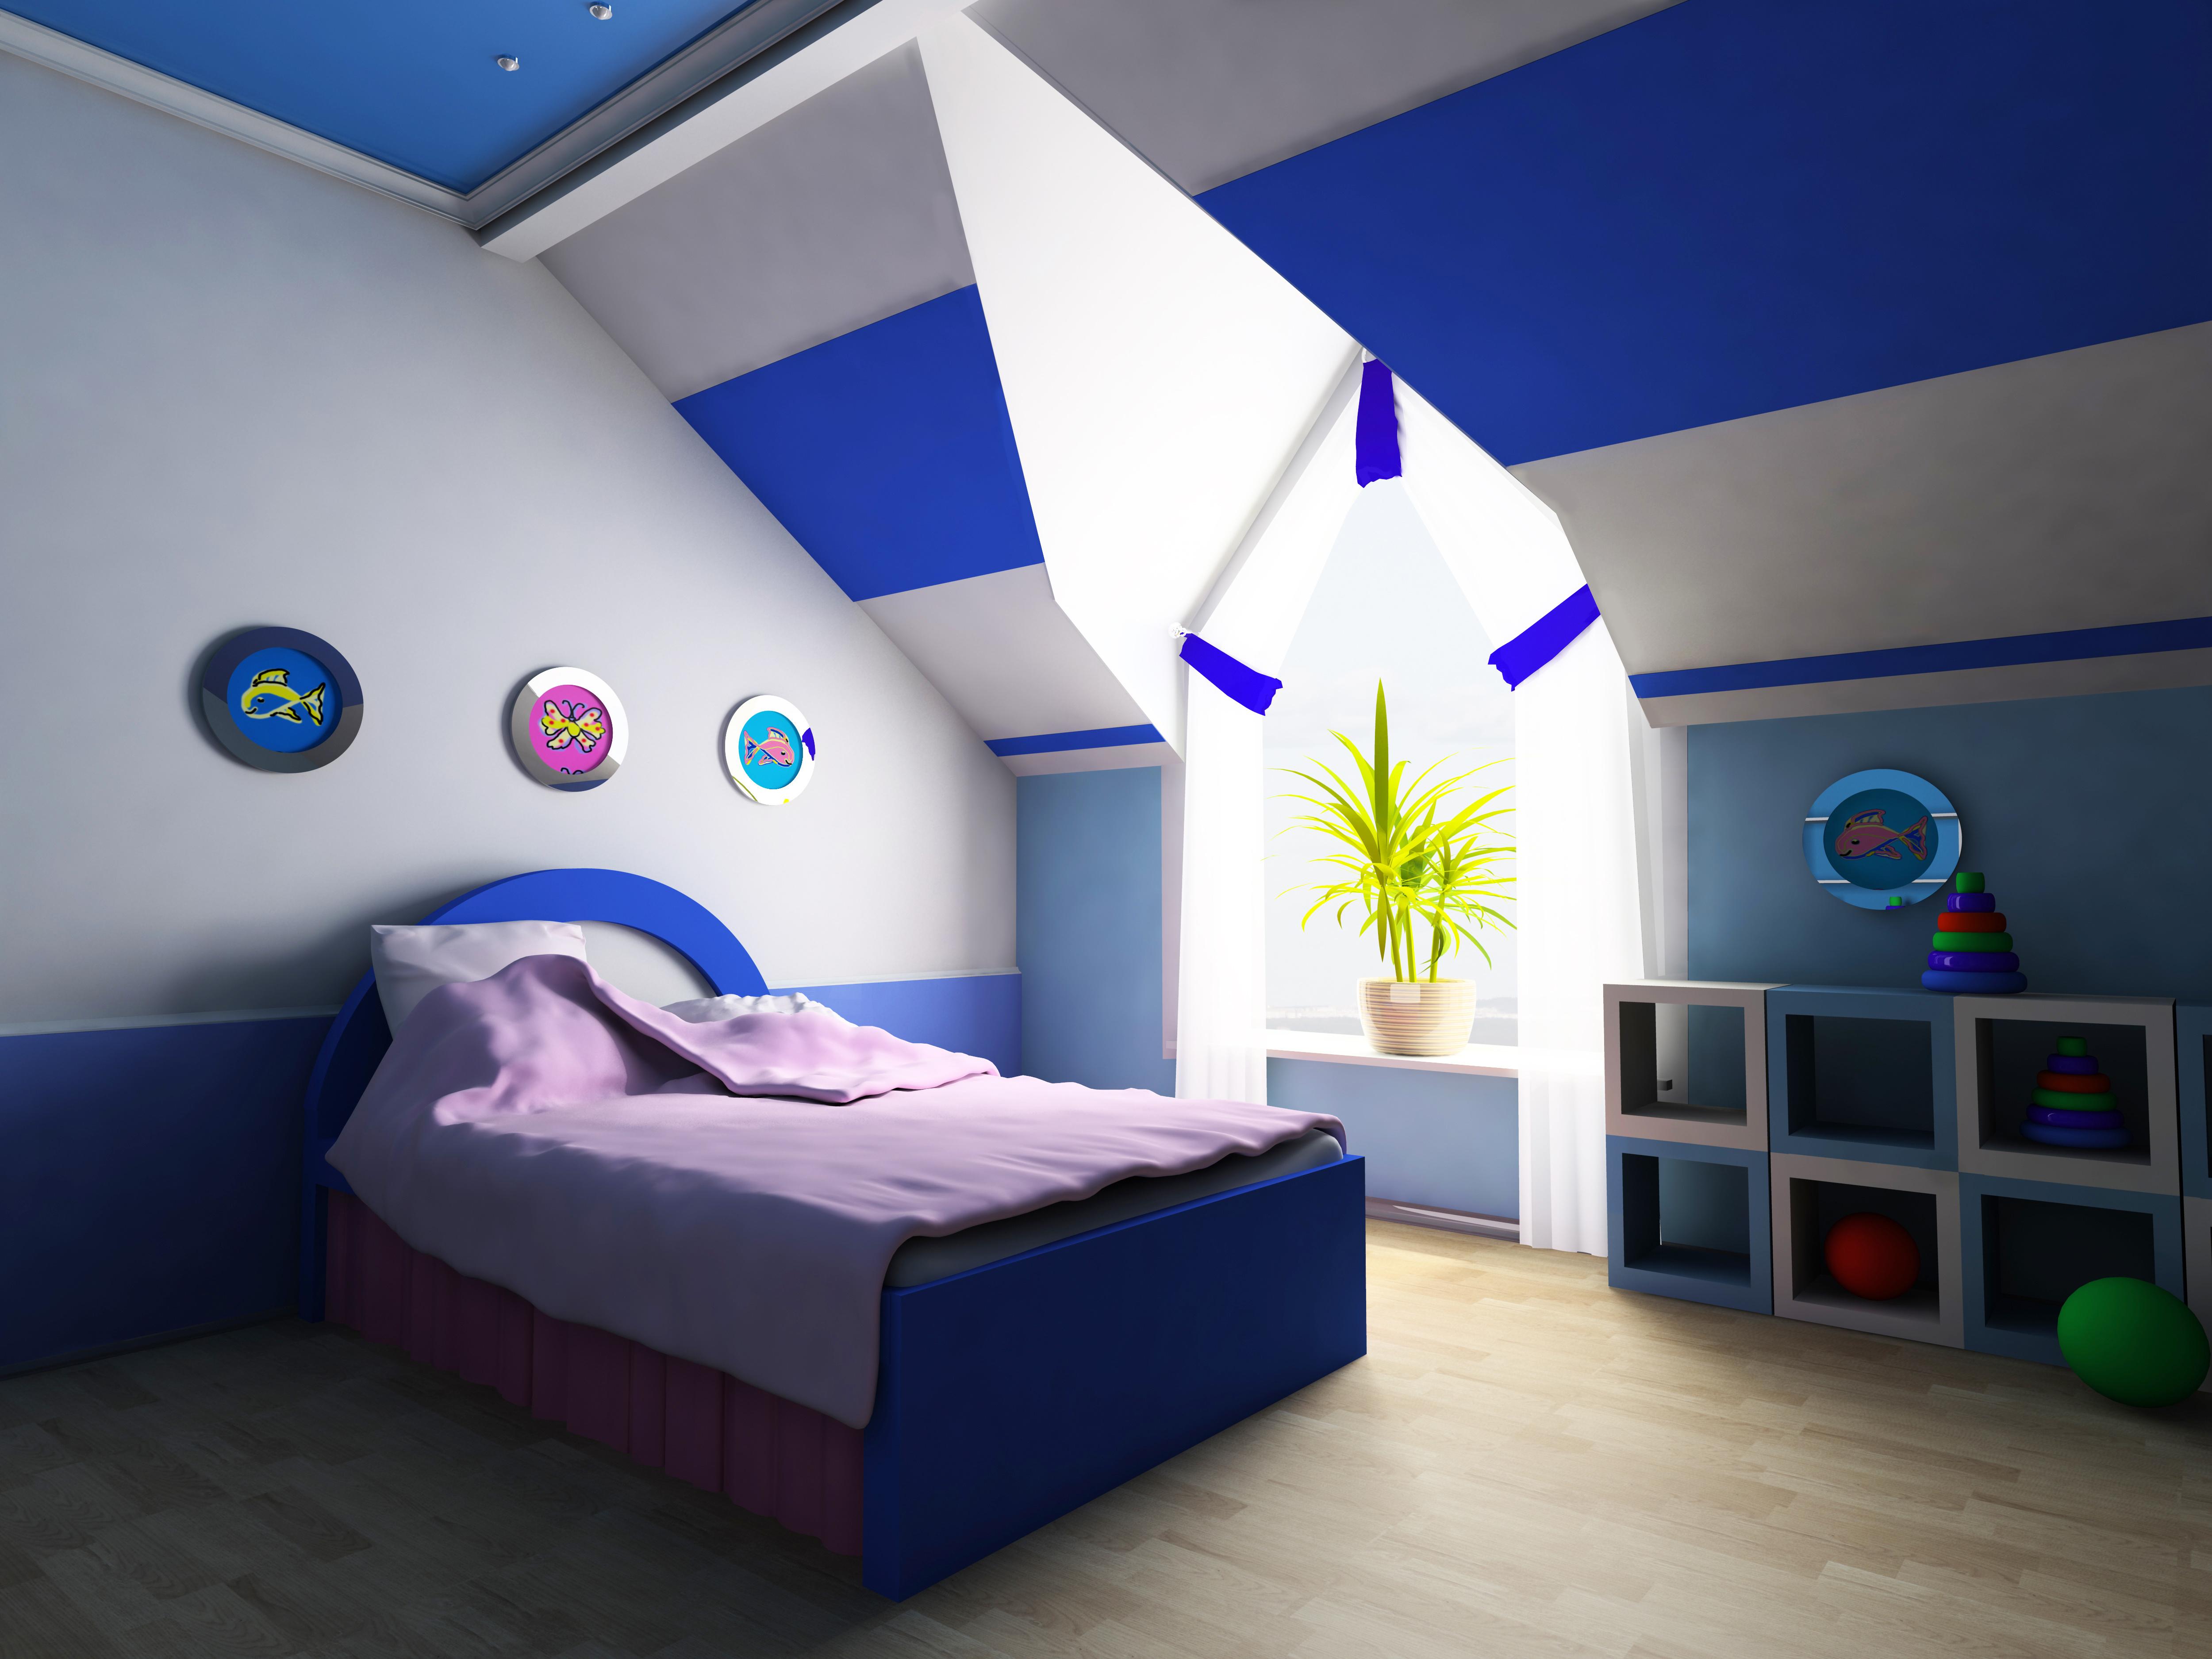 Картинки Детская комната 3D Графика Интерьер кровати Дизайн 5000x3750 3д кровате Кровать дизайна